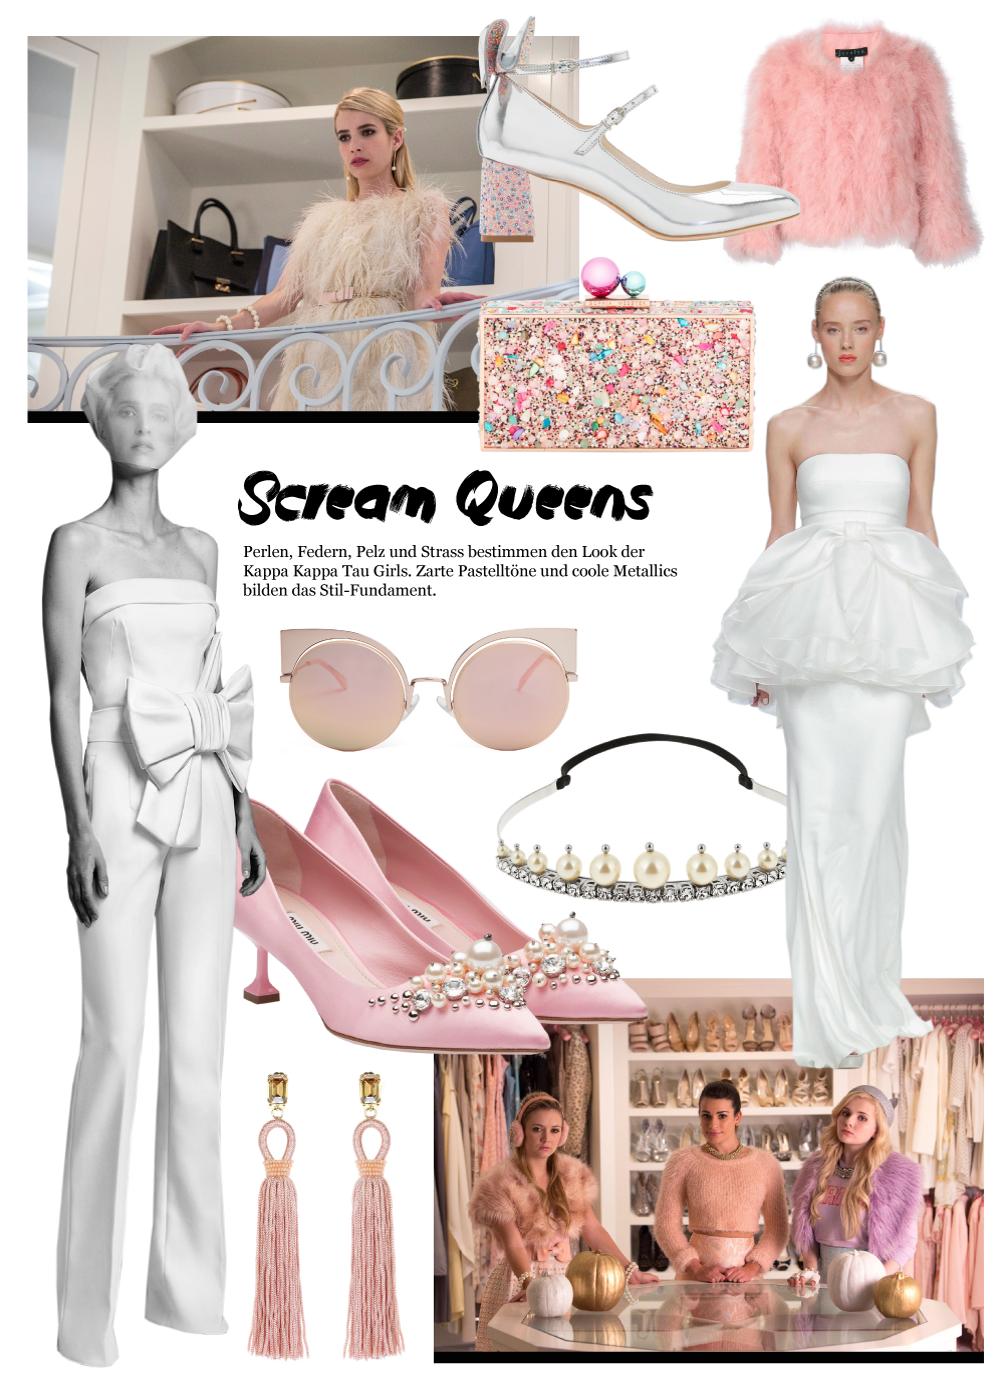 hochzeitsblog-scream-queens-serieninspierierte-brautlooks